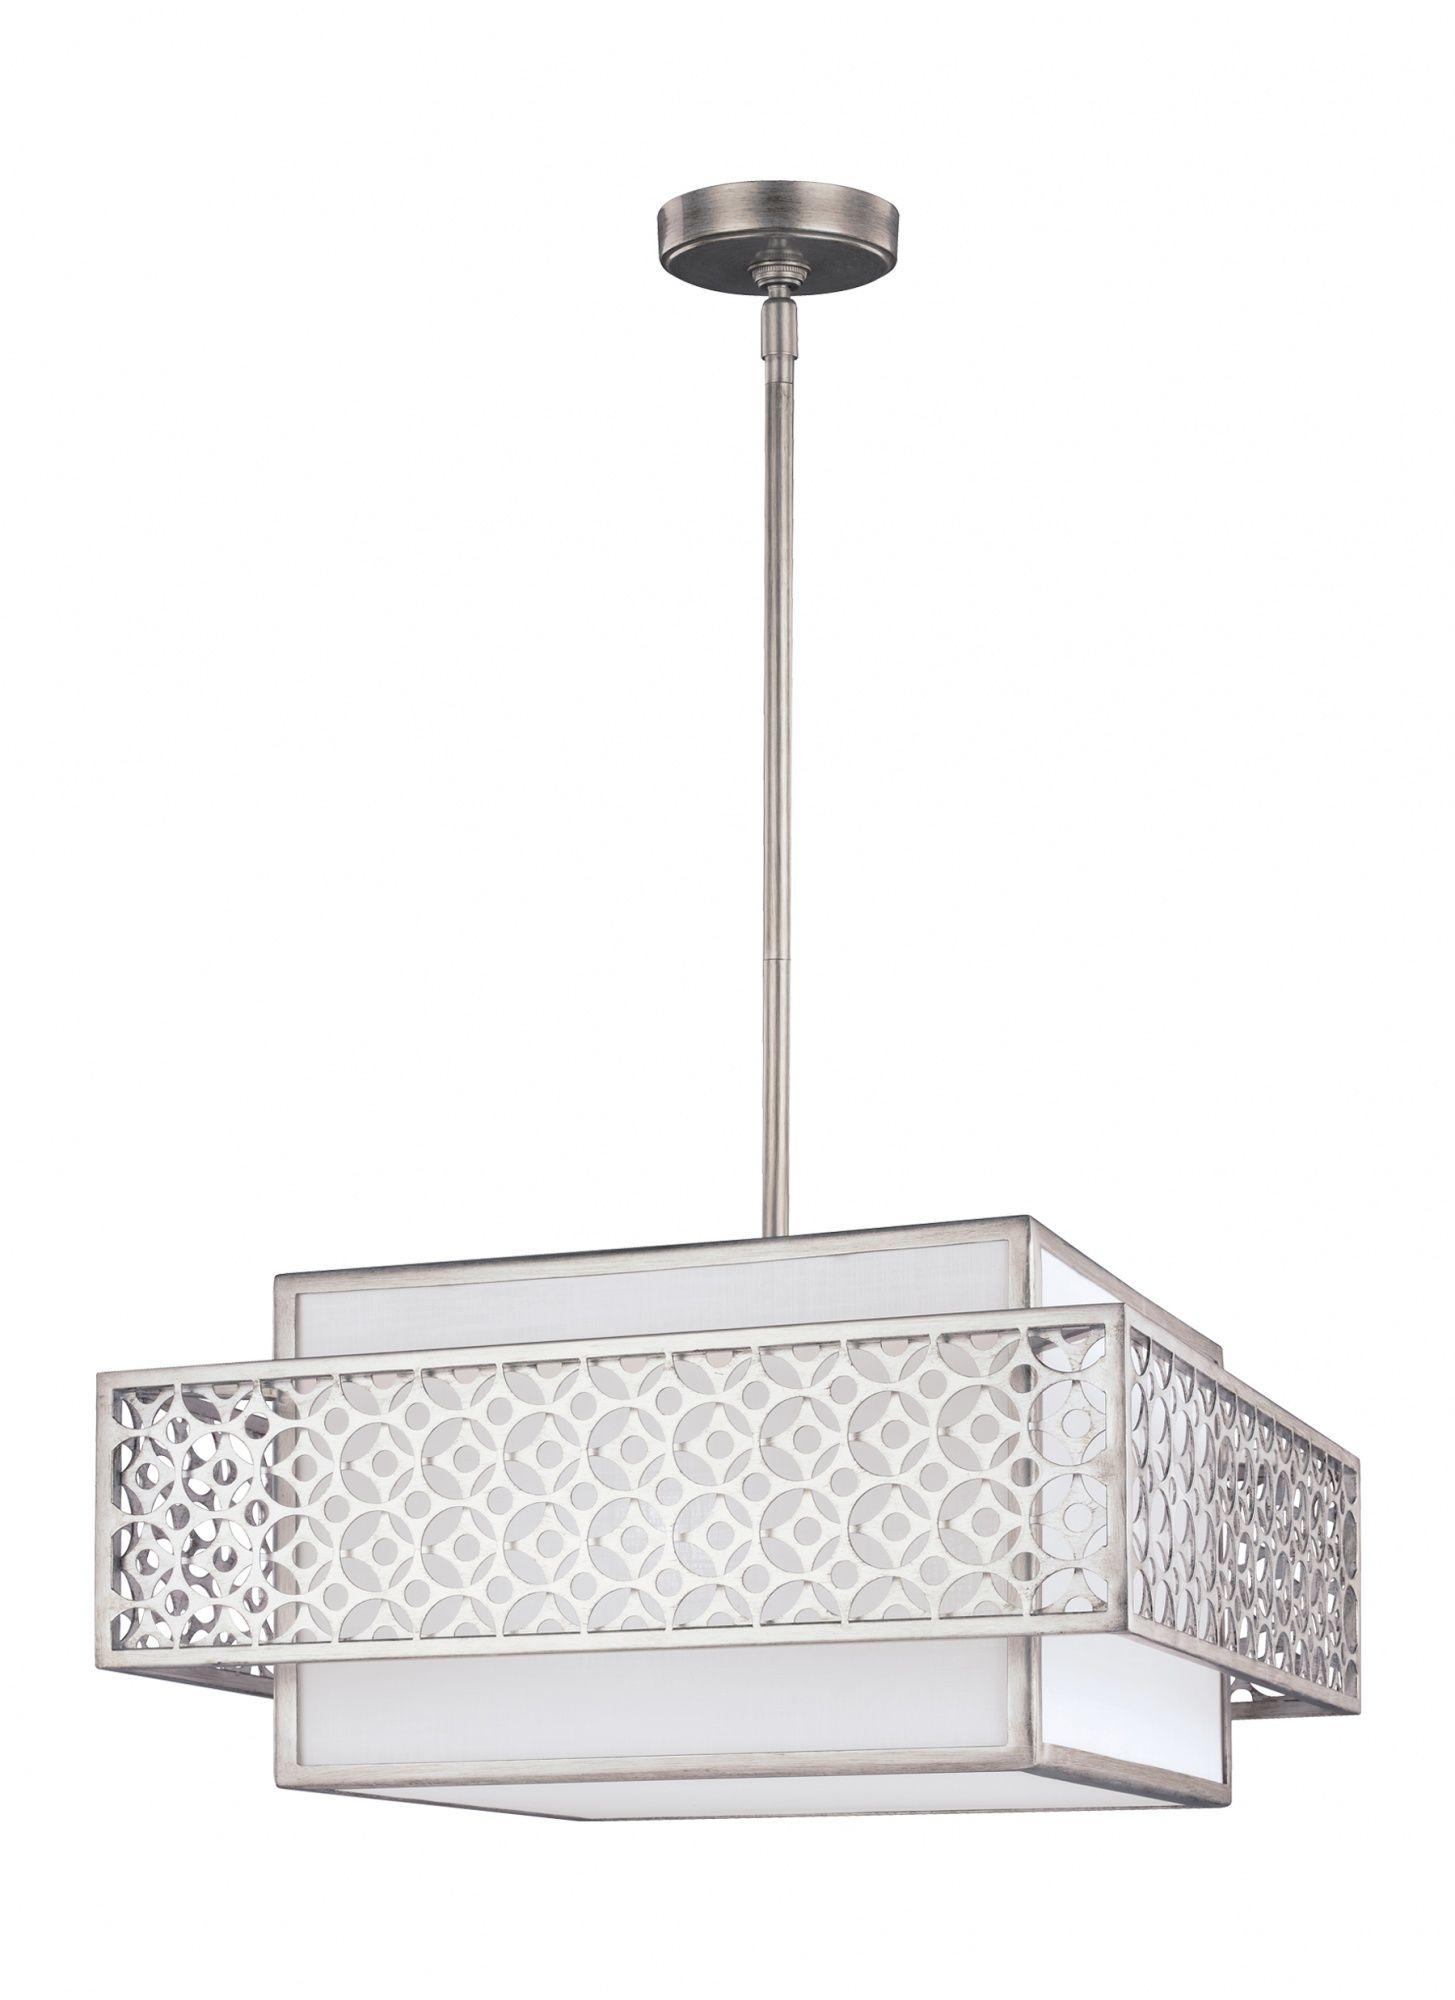 Lampa wisząca Kenney FE/KENNEY/3P Feiss dekoracyjna oprawa w nowoczesnym stylu